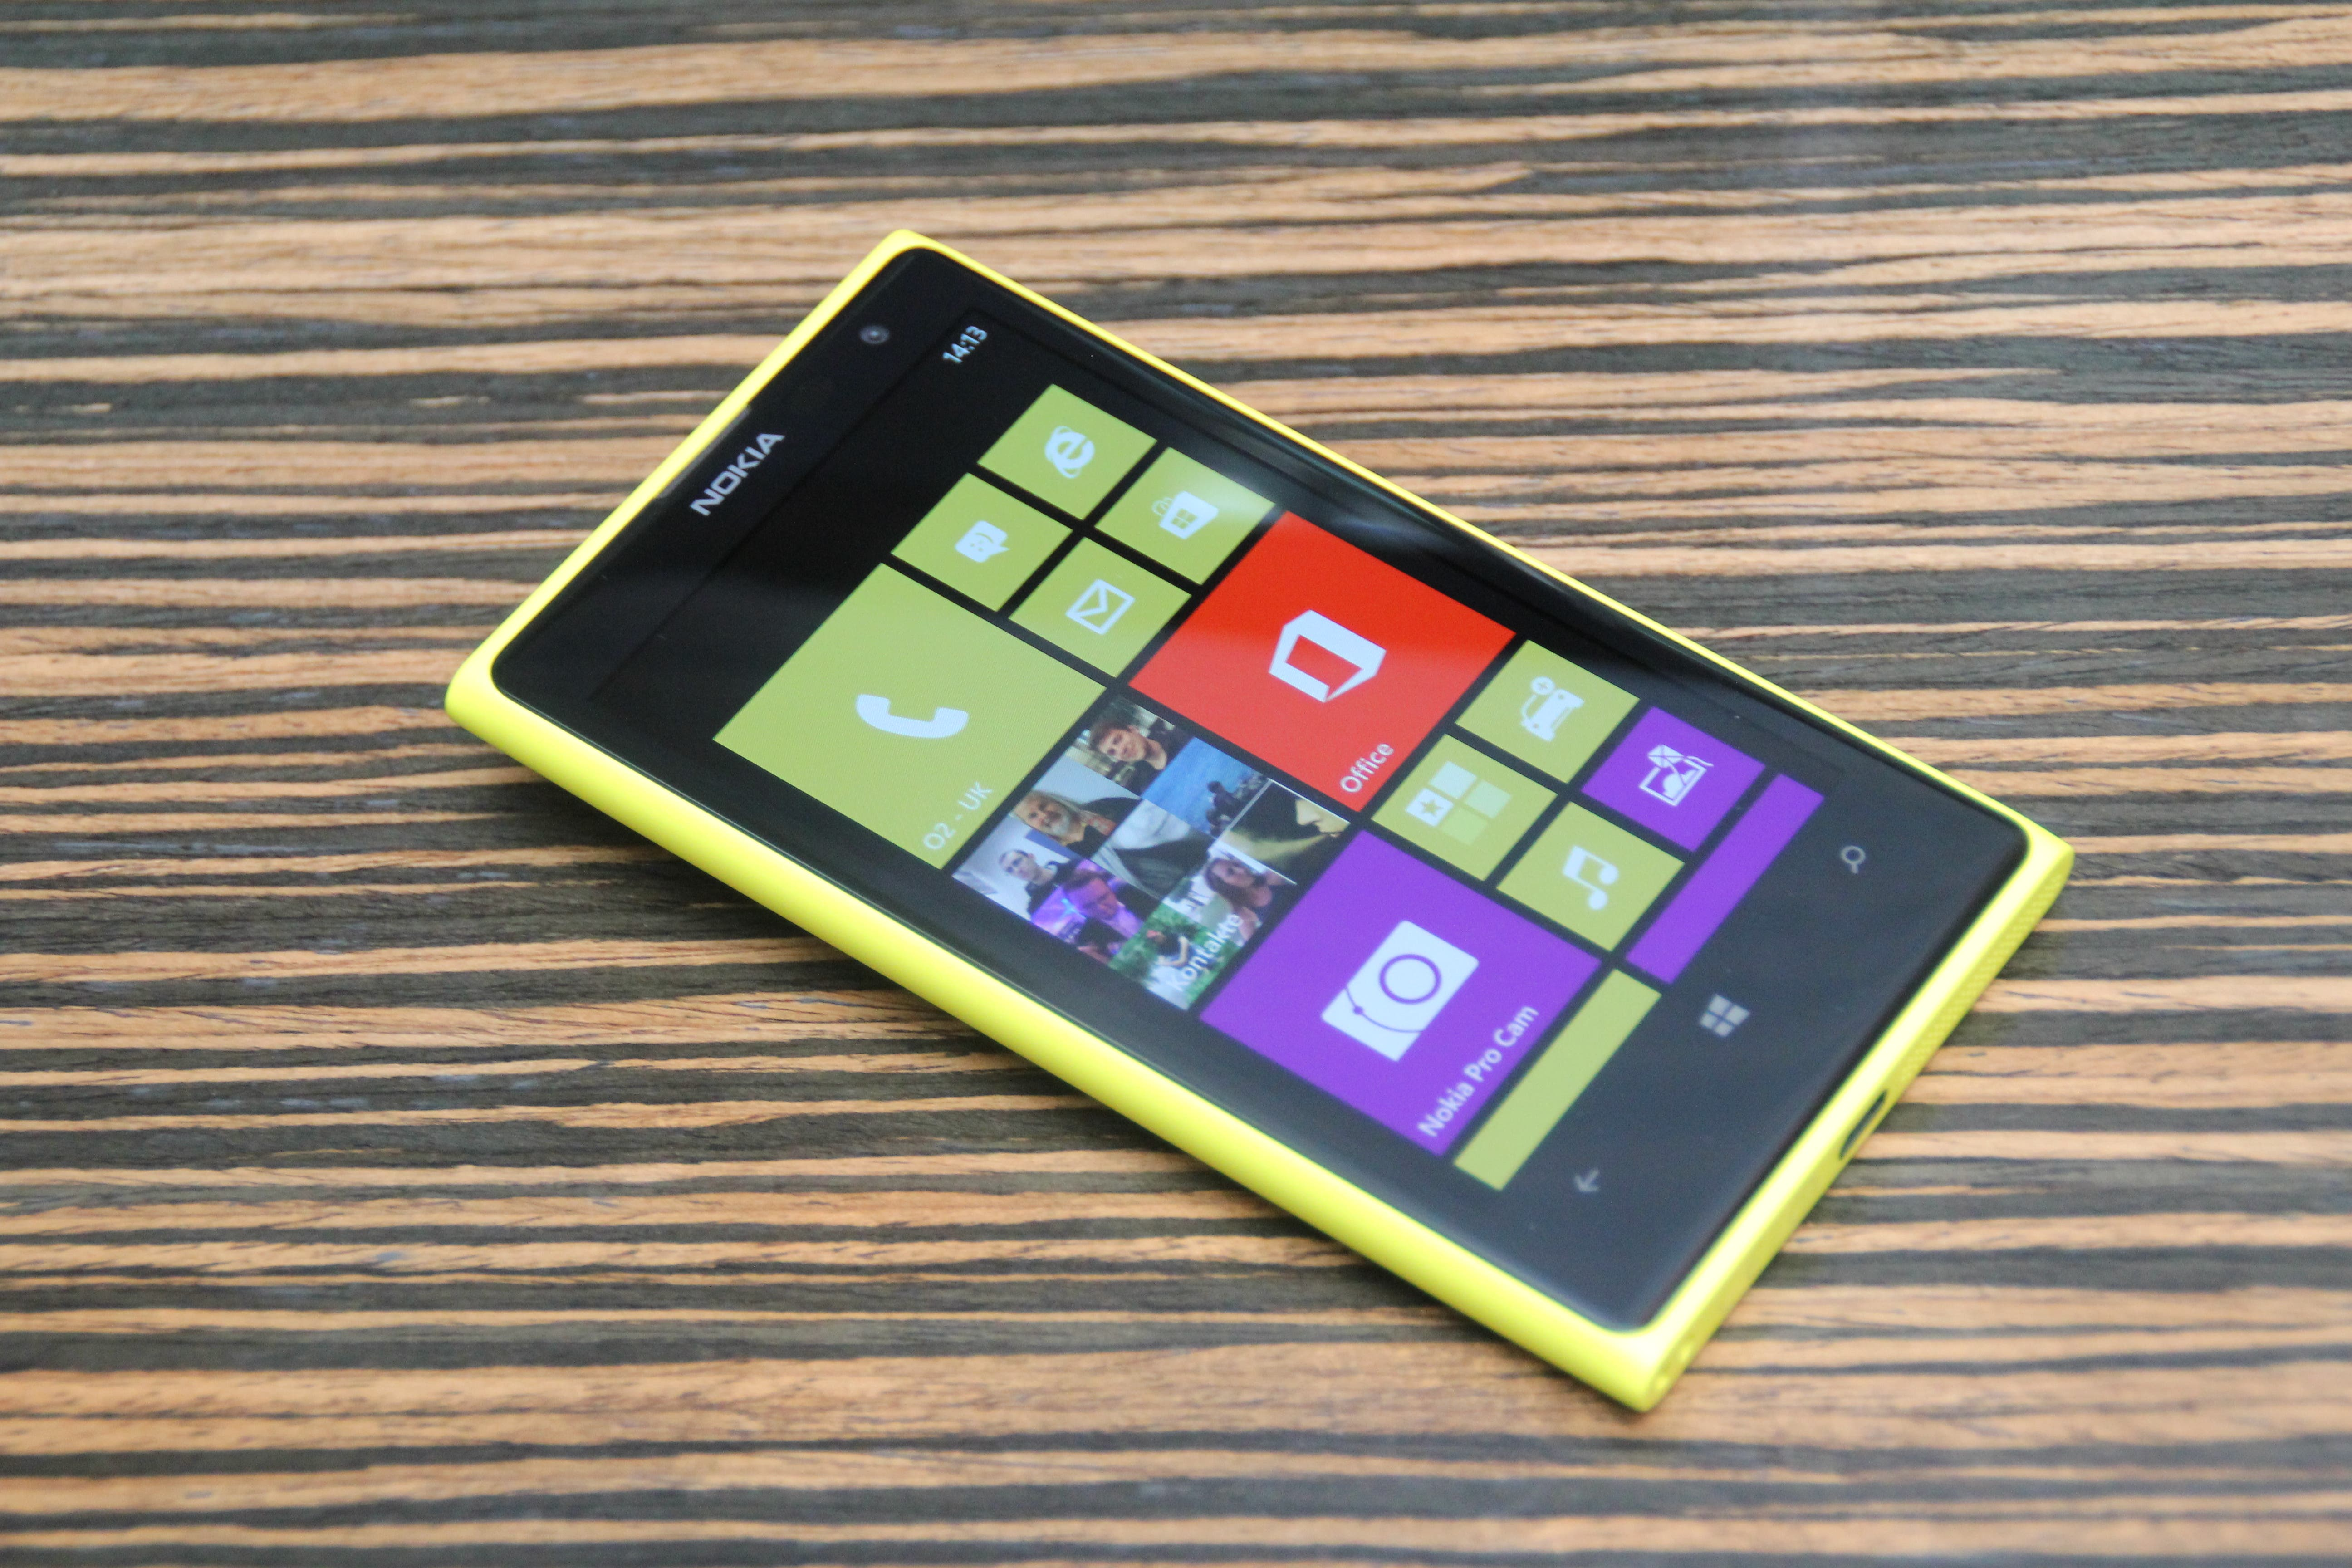 Nokia Lumia 1020 mit 41-Megapixel-Cam: Foto-Features & Kurztest im ausführlichen Hands-on-Video